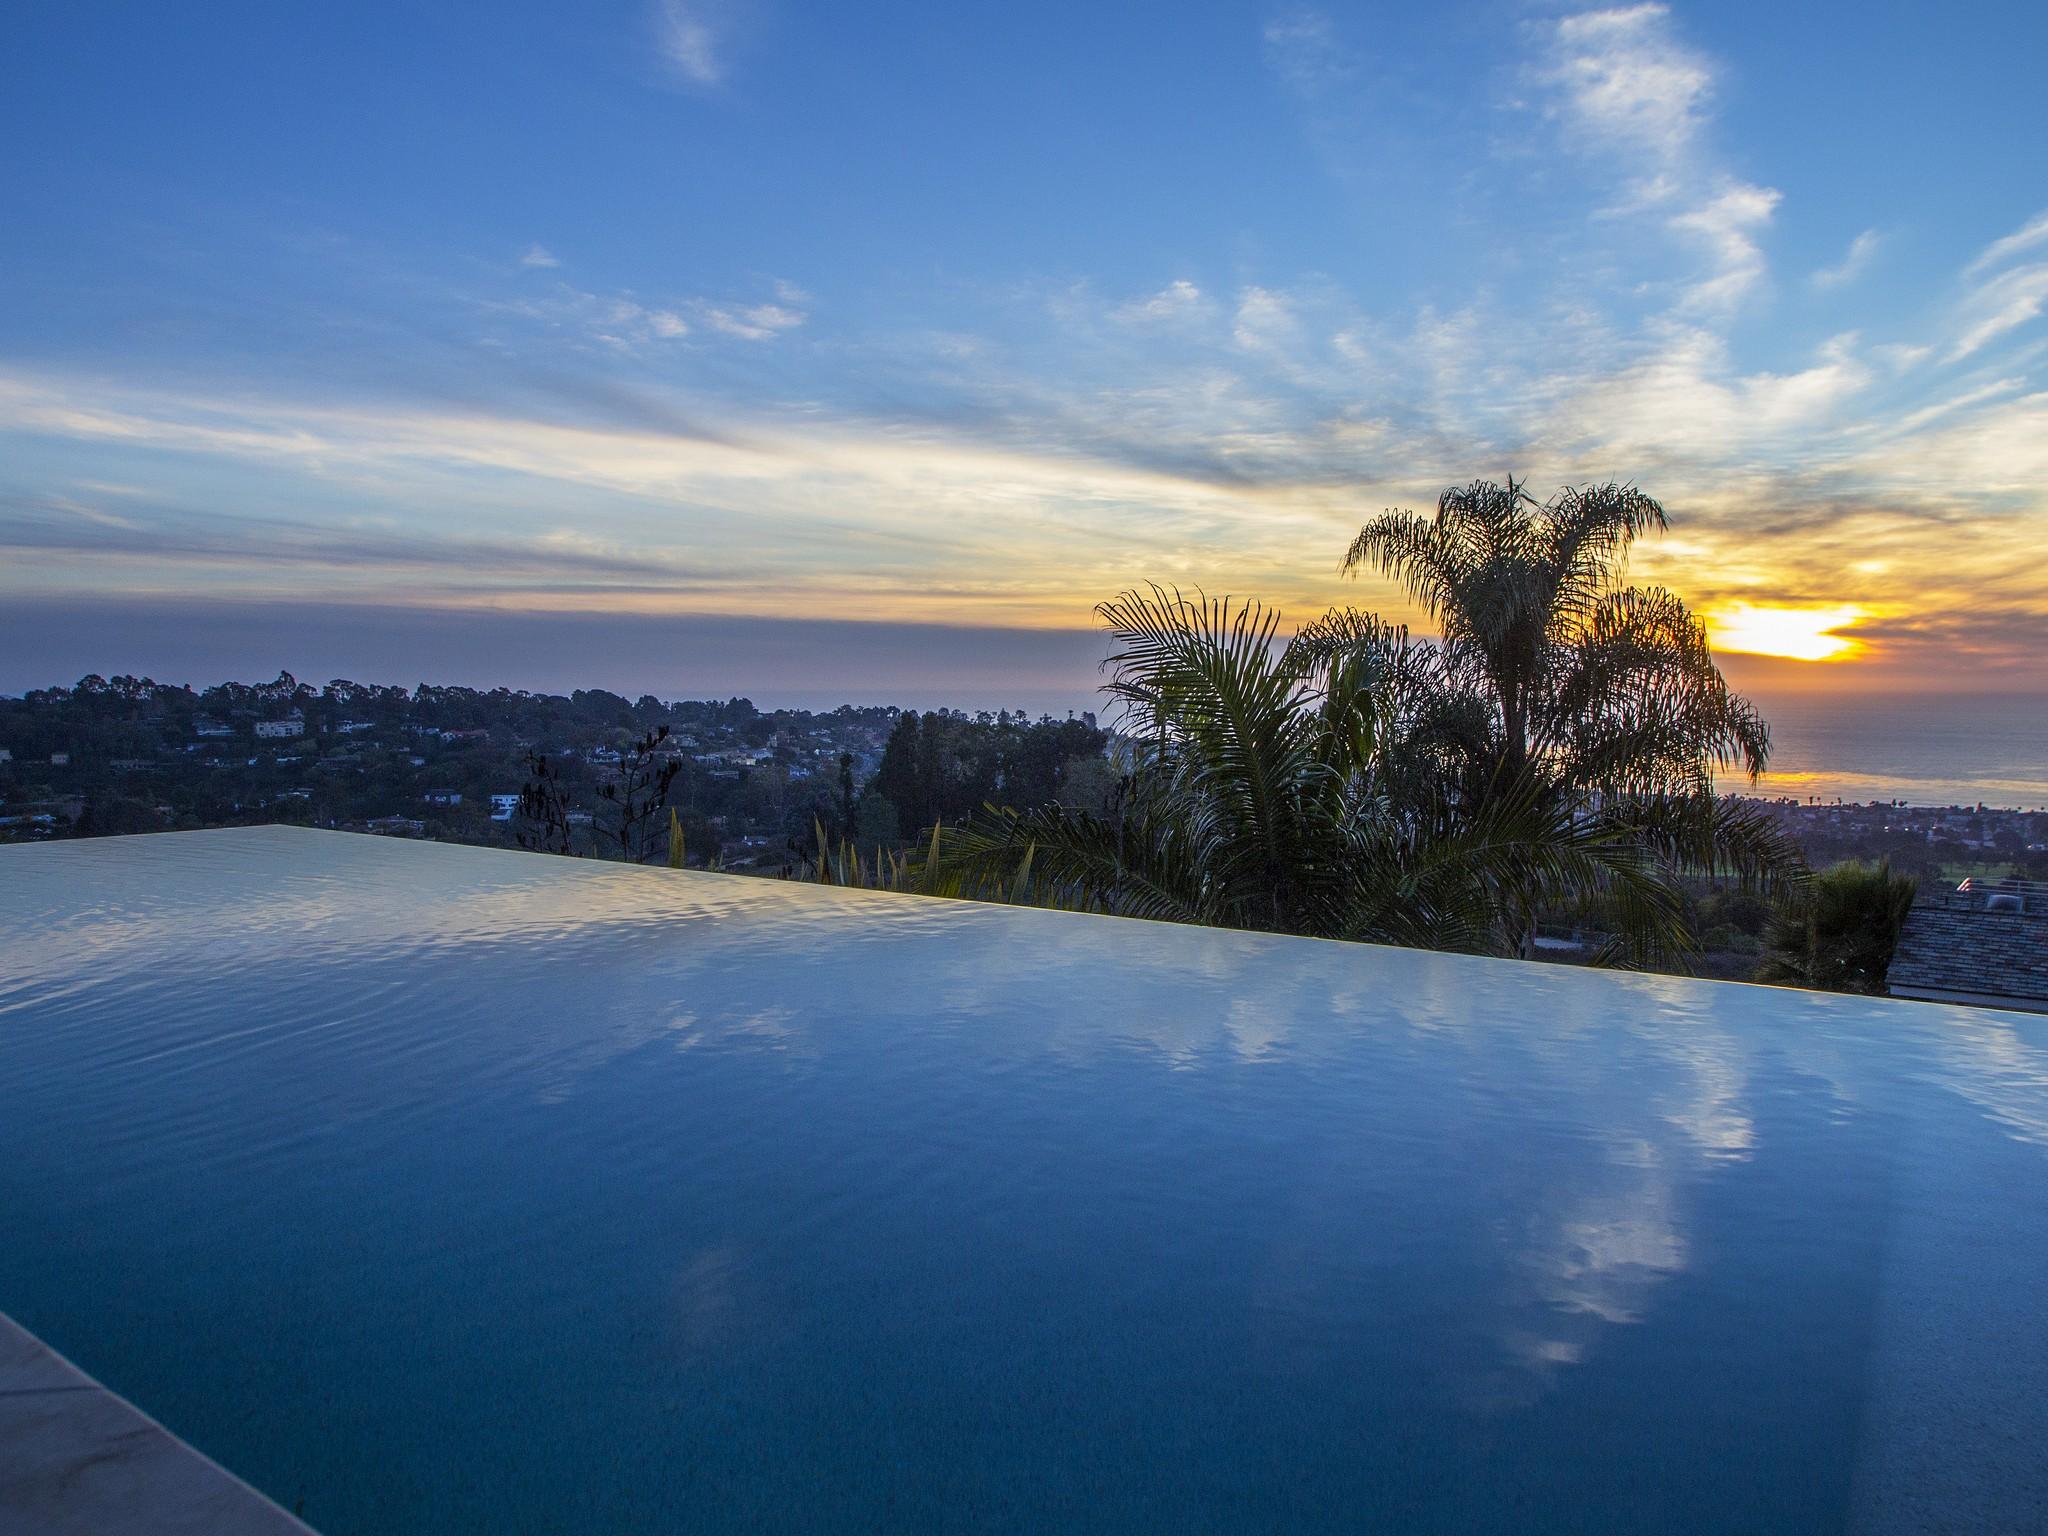 Single Family Home for Sale at Encelia 7141 Encelia Drive La Jolla, California 92037 United States